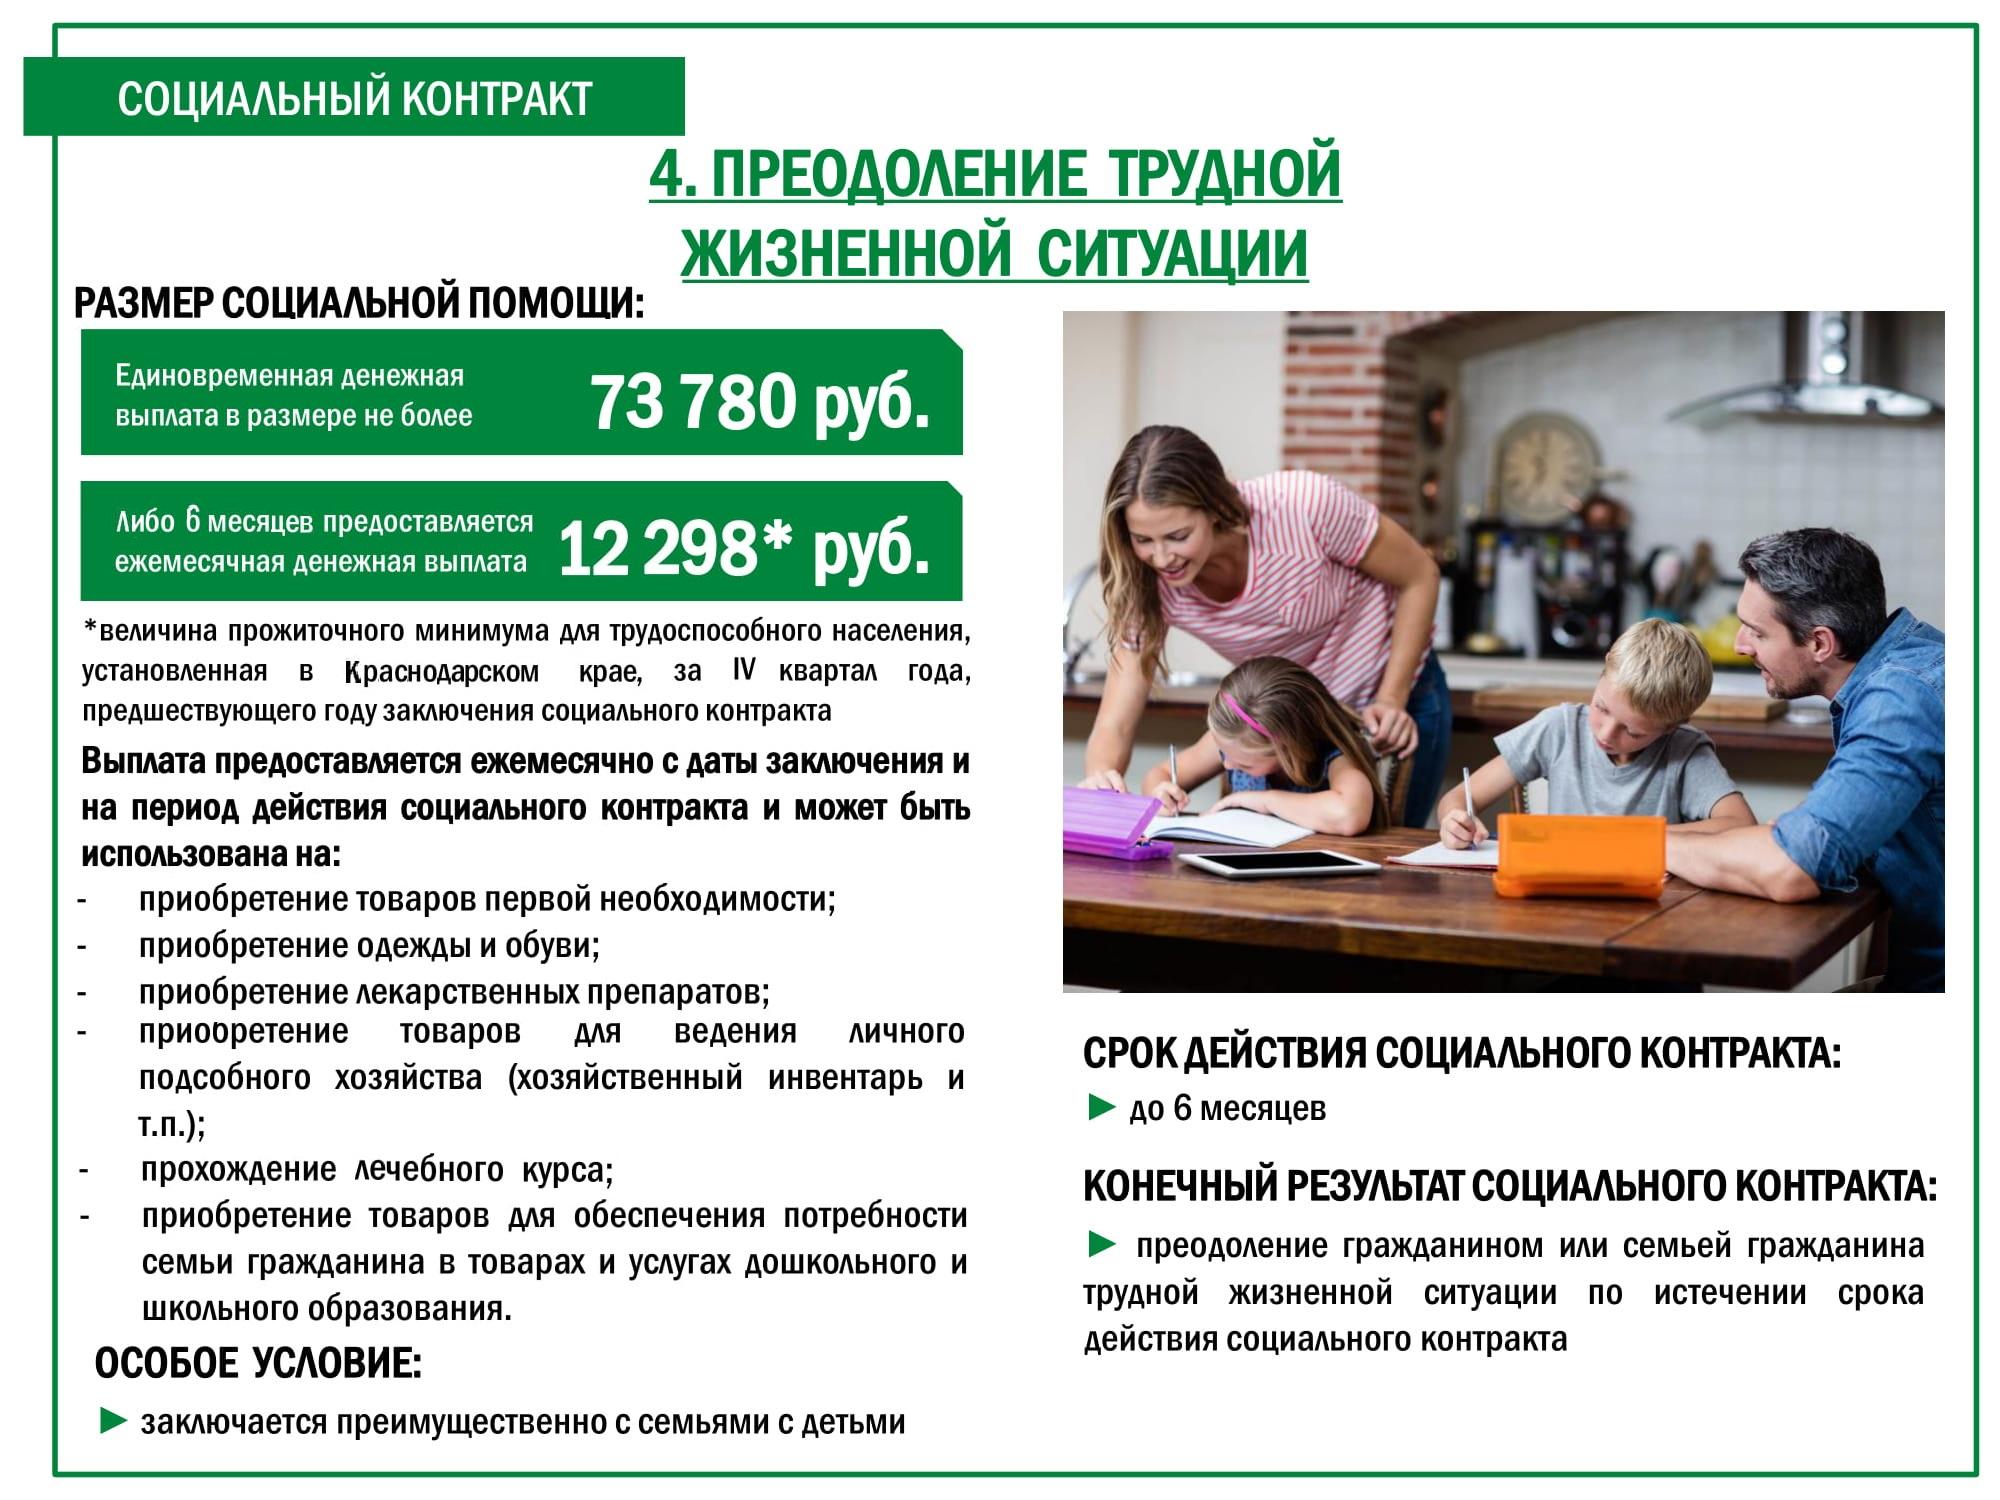 socialnyy_kontrakt_2021_dlya_publikacii-6